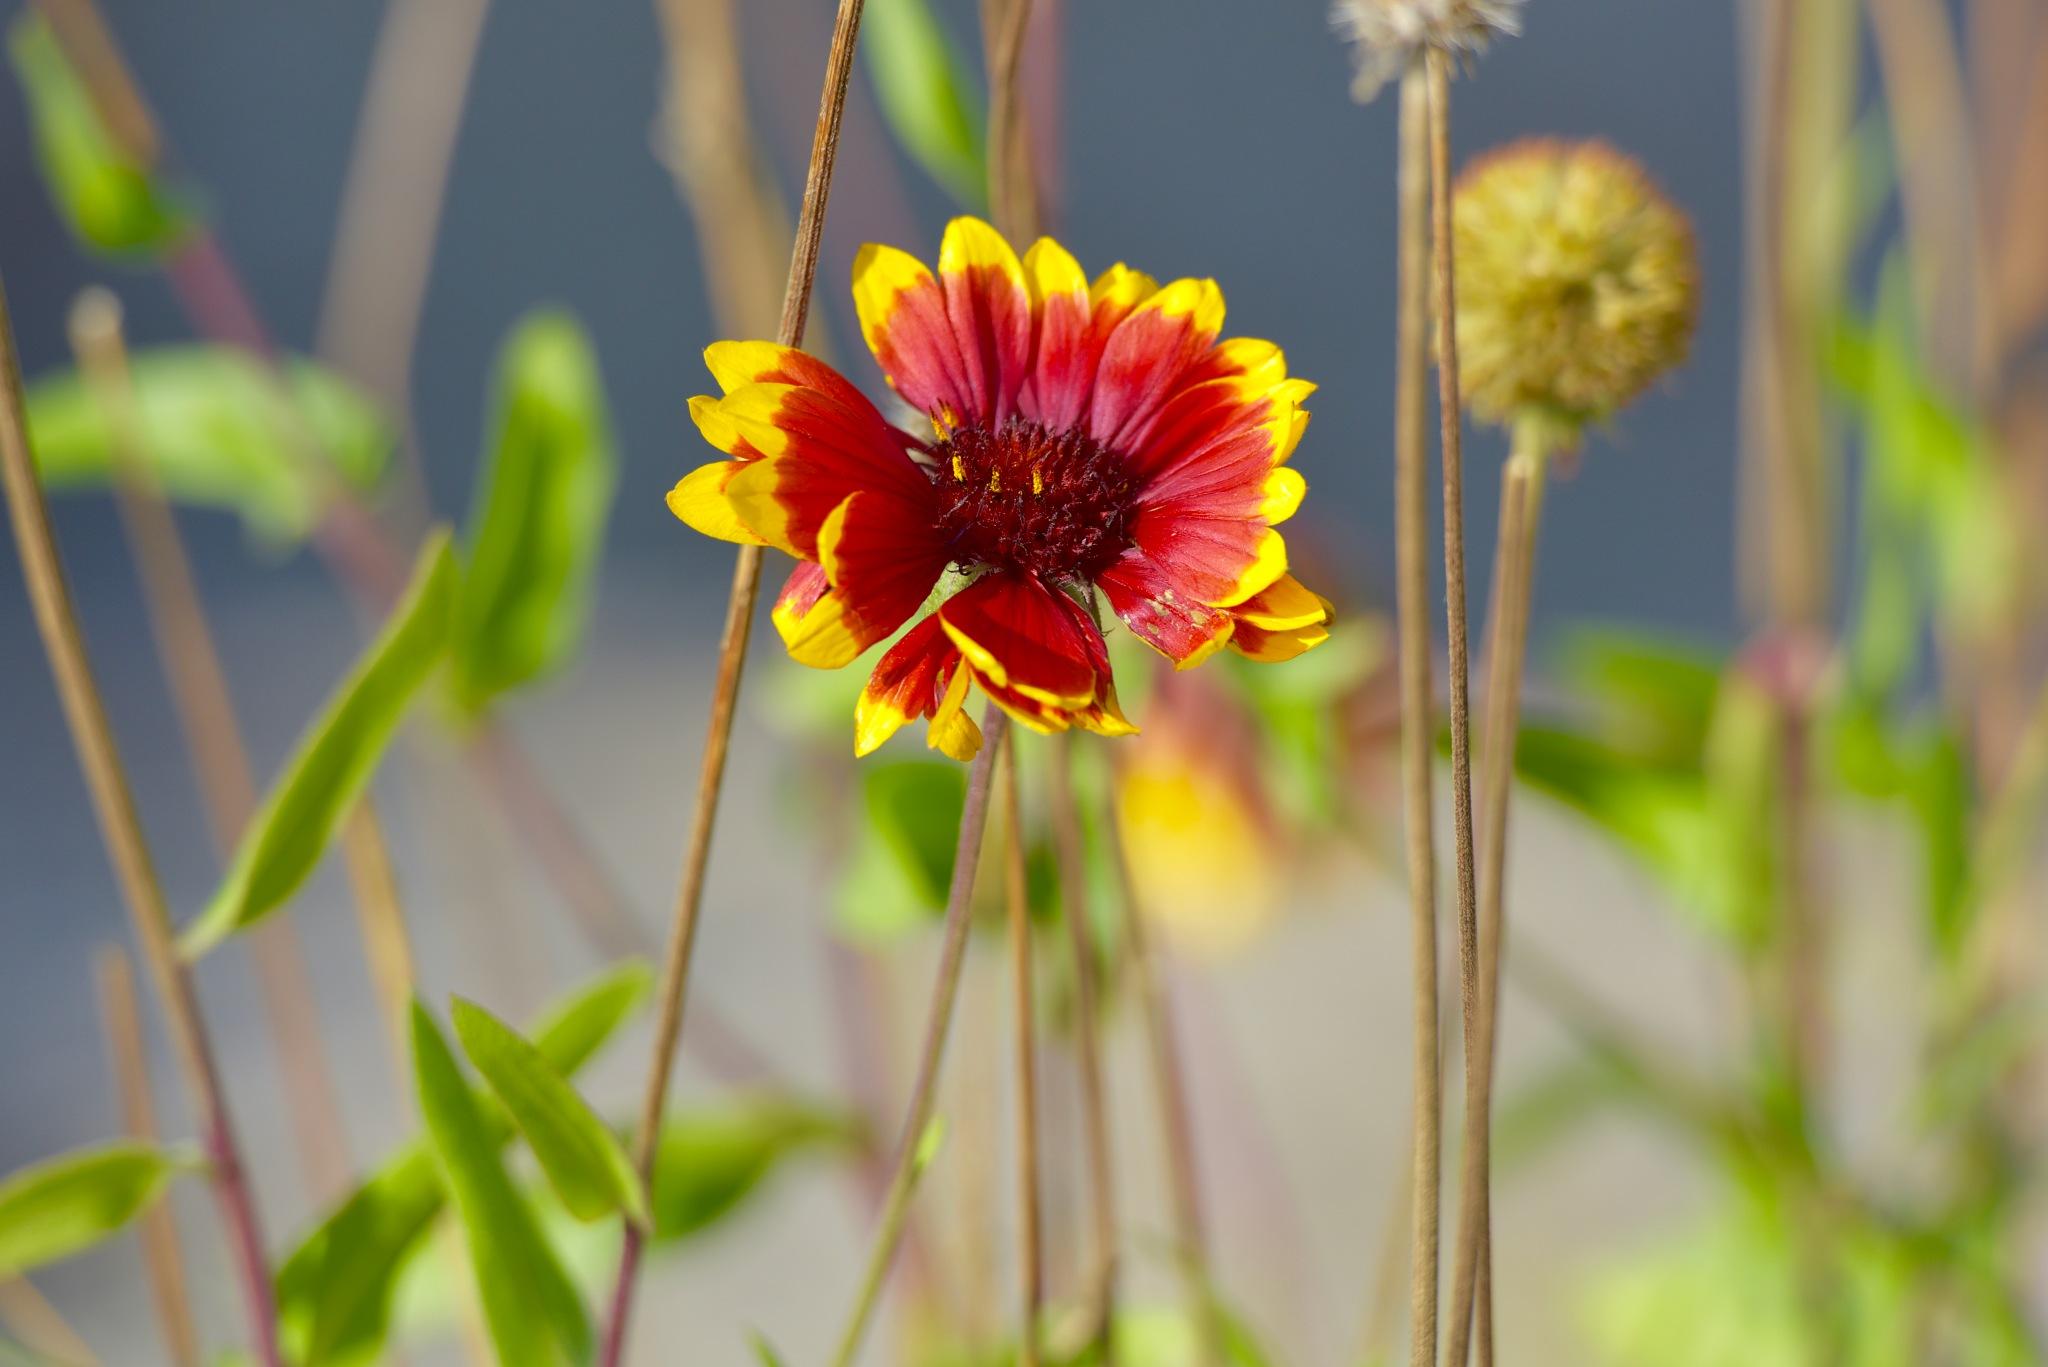 Flowers 4422! by Memed Bayatli